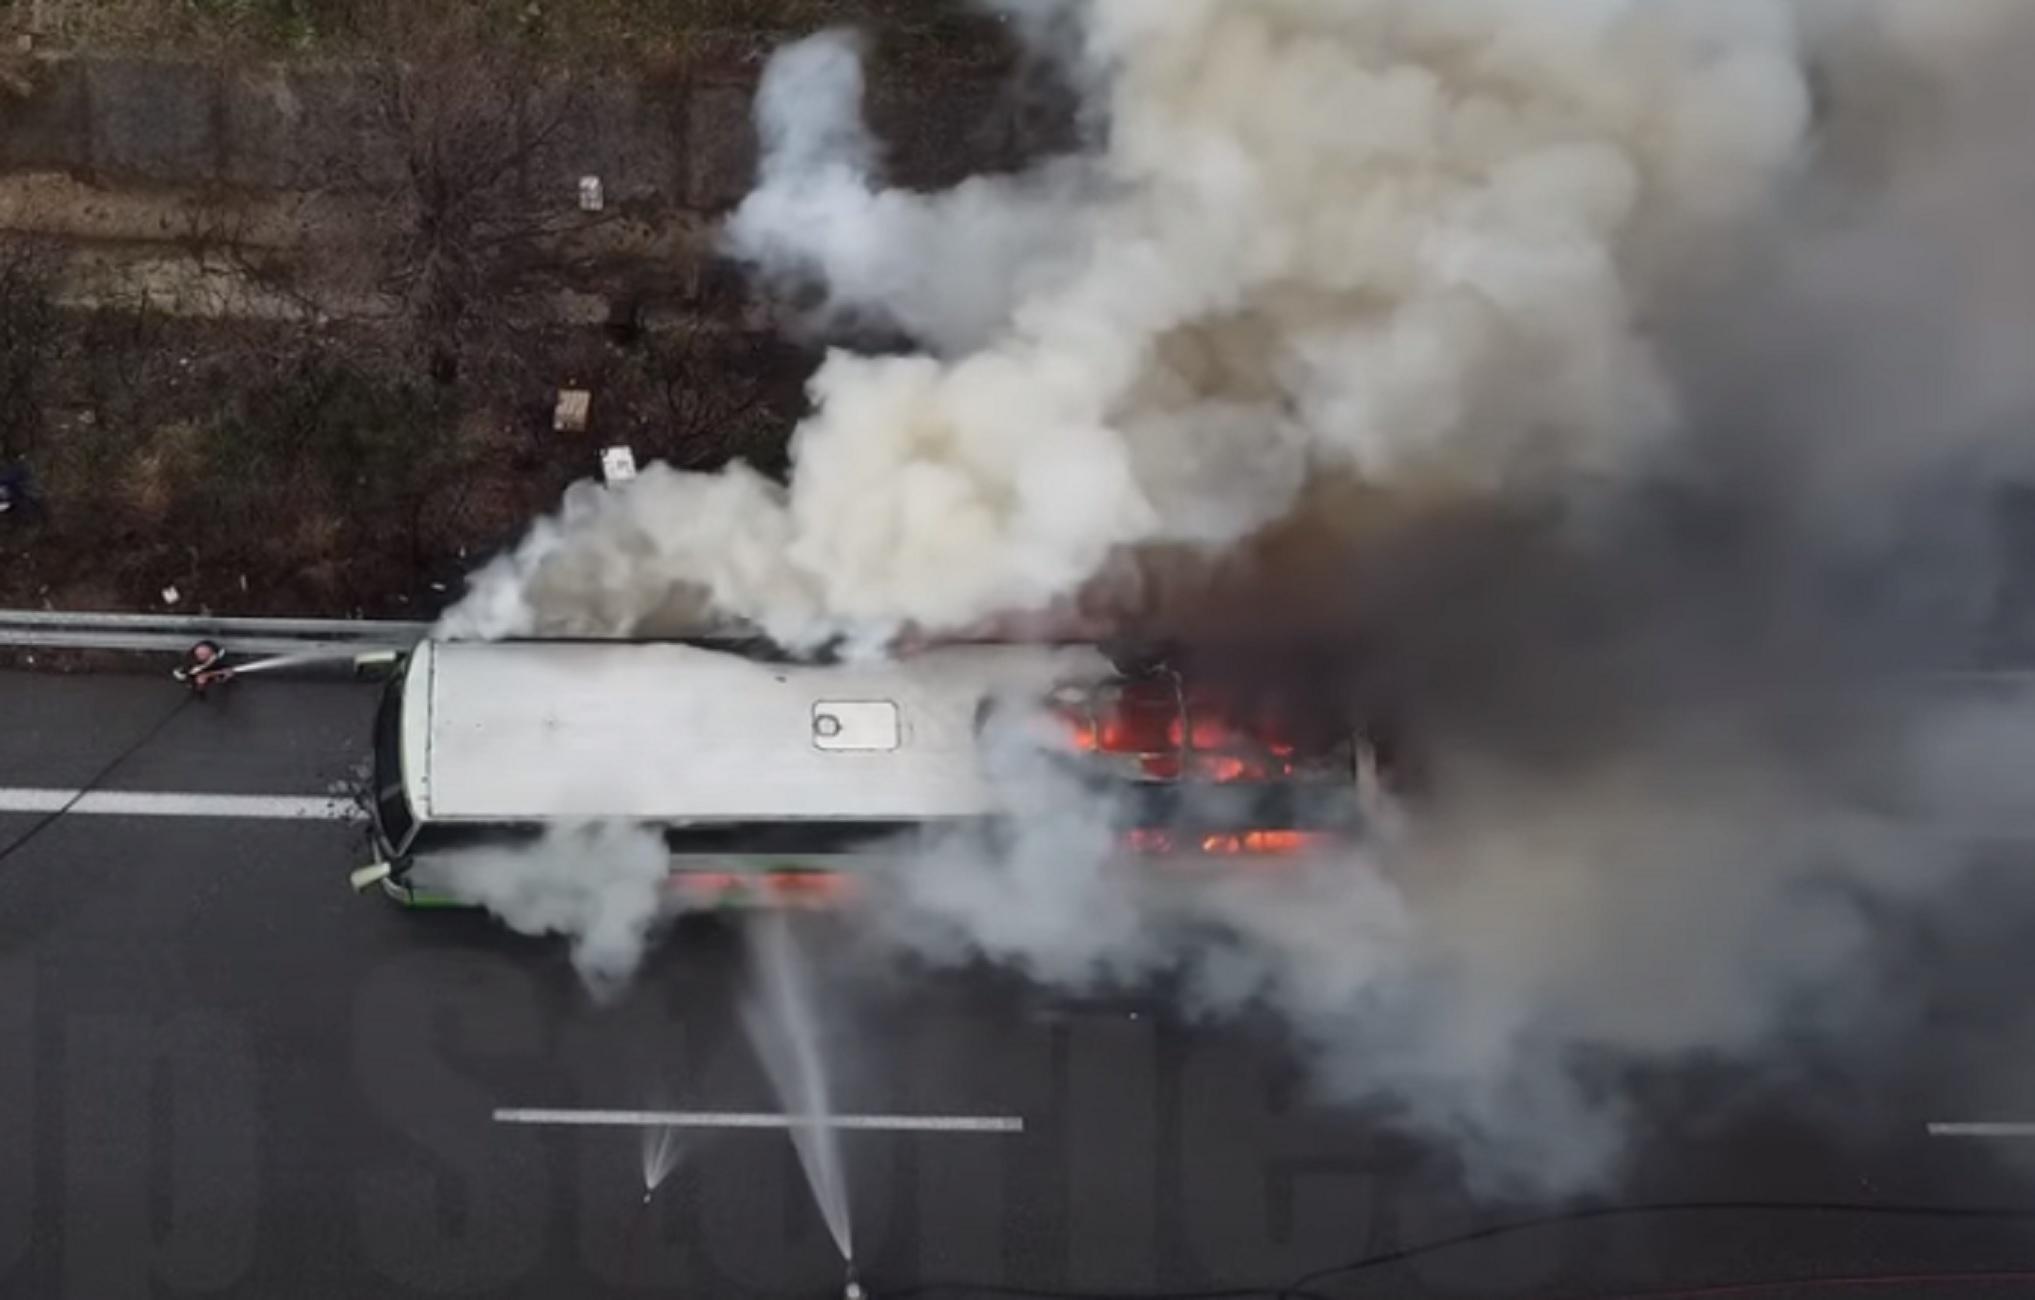 Εθνική Οδός: Συγκλονιστικές εικόνες από φωτιά σε λεωφορείο των ΚΤΕΛ - Τρόμος για 48 επιβάτες (video)